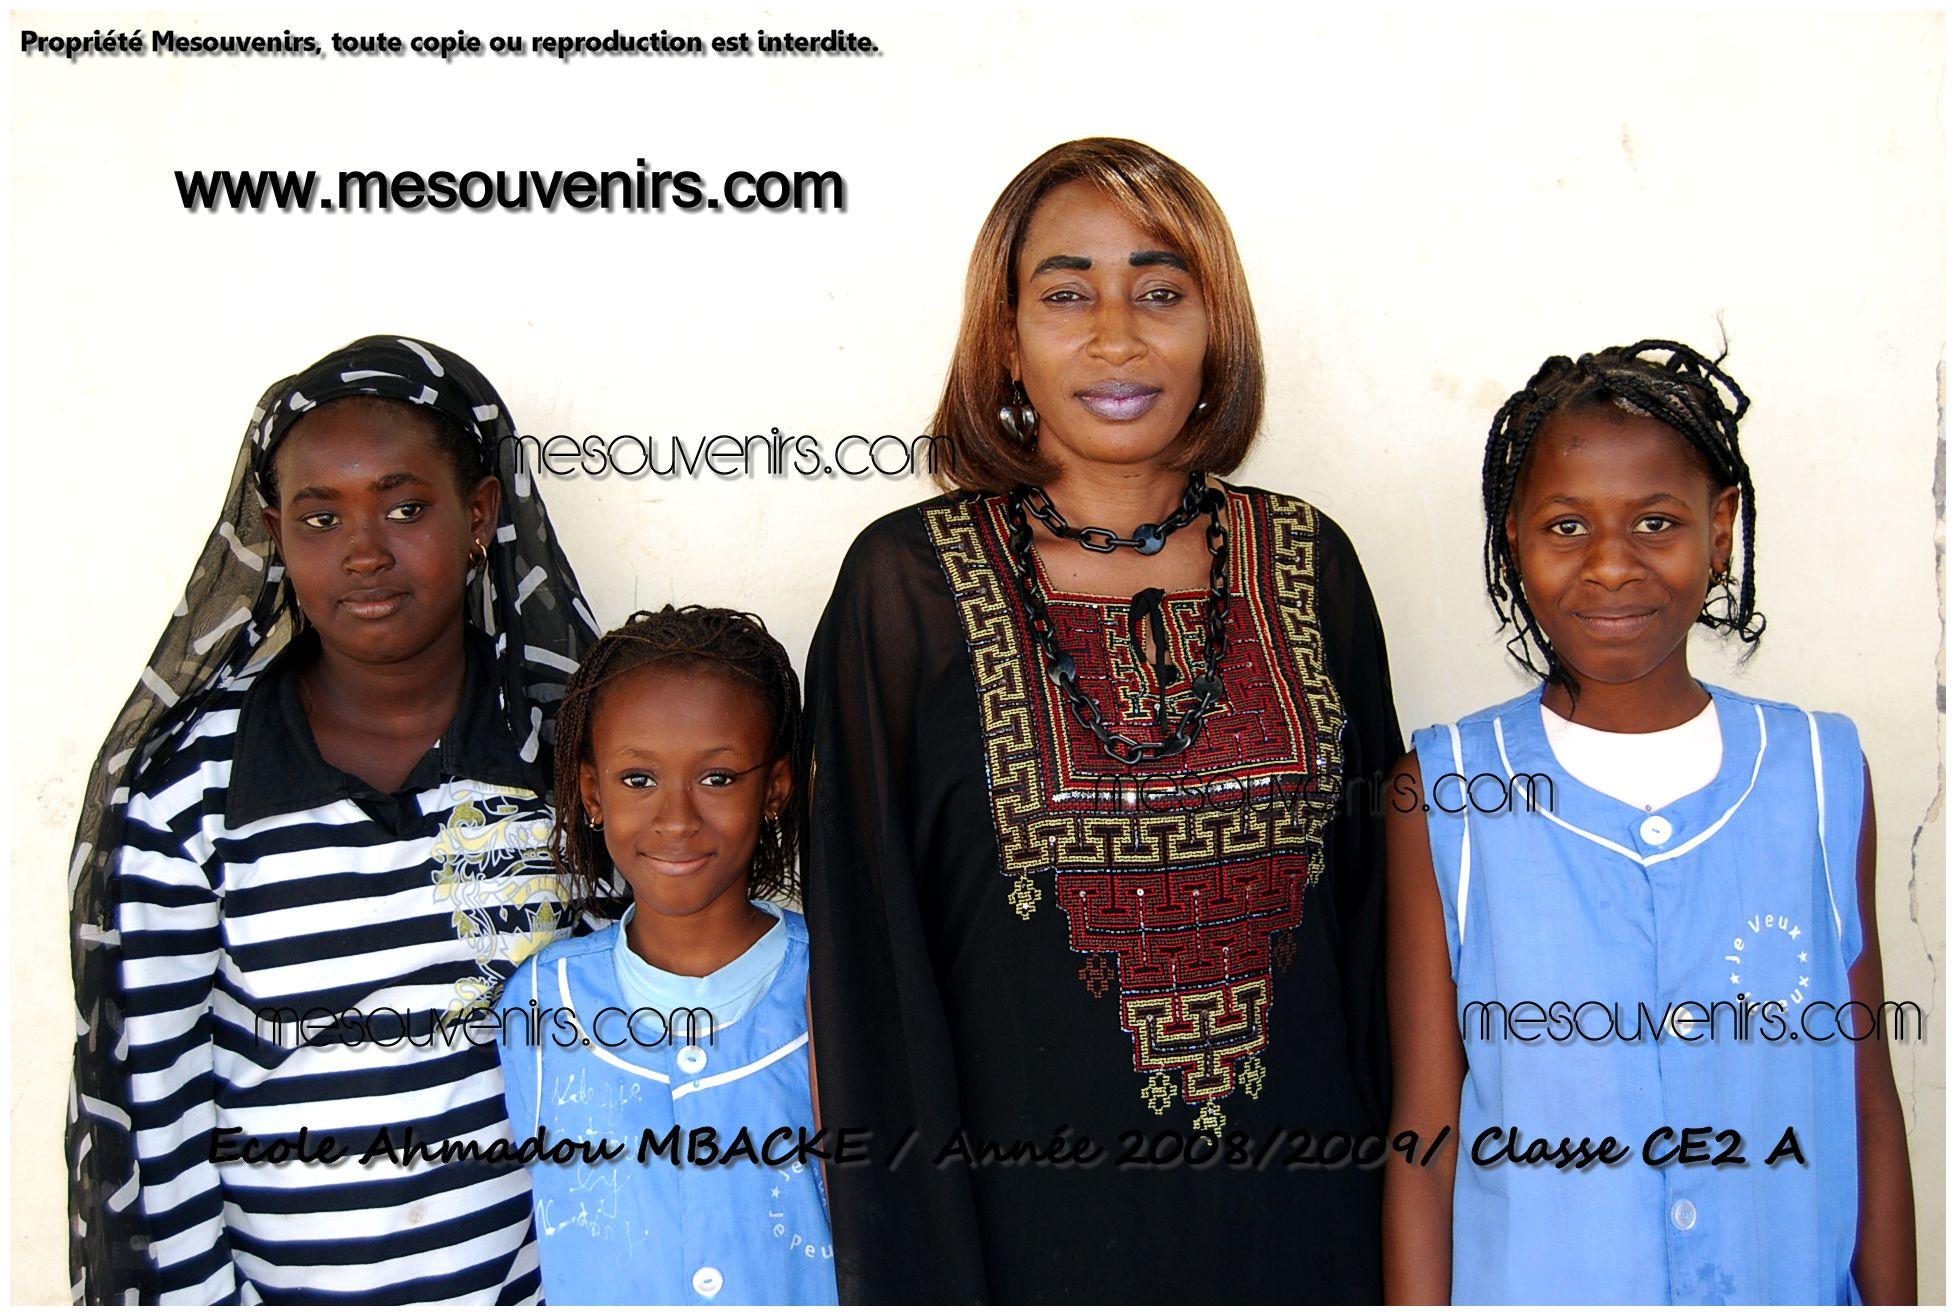 Ahmadou MBACKE 2008 2009 CE2 A